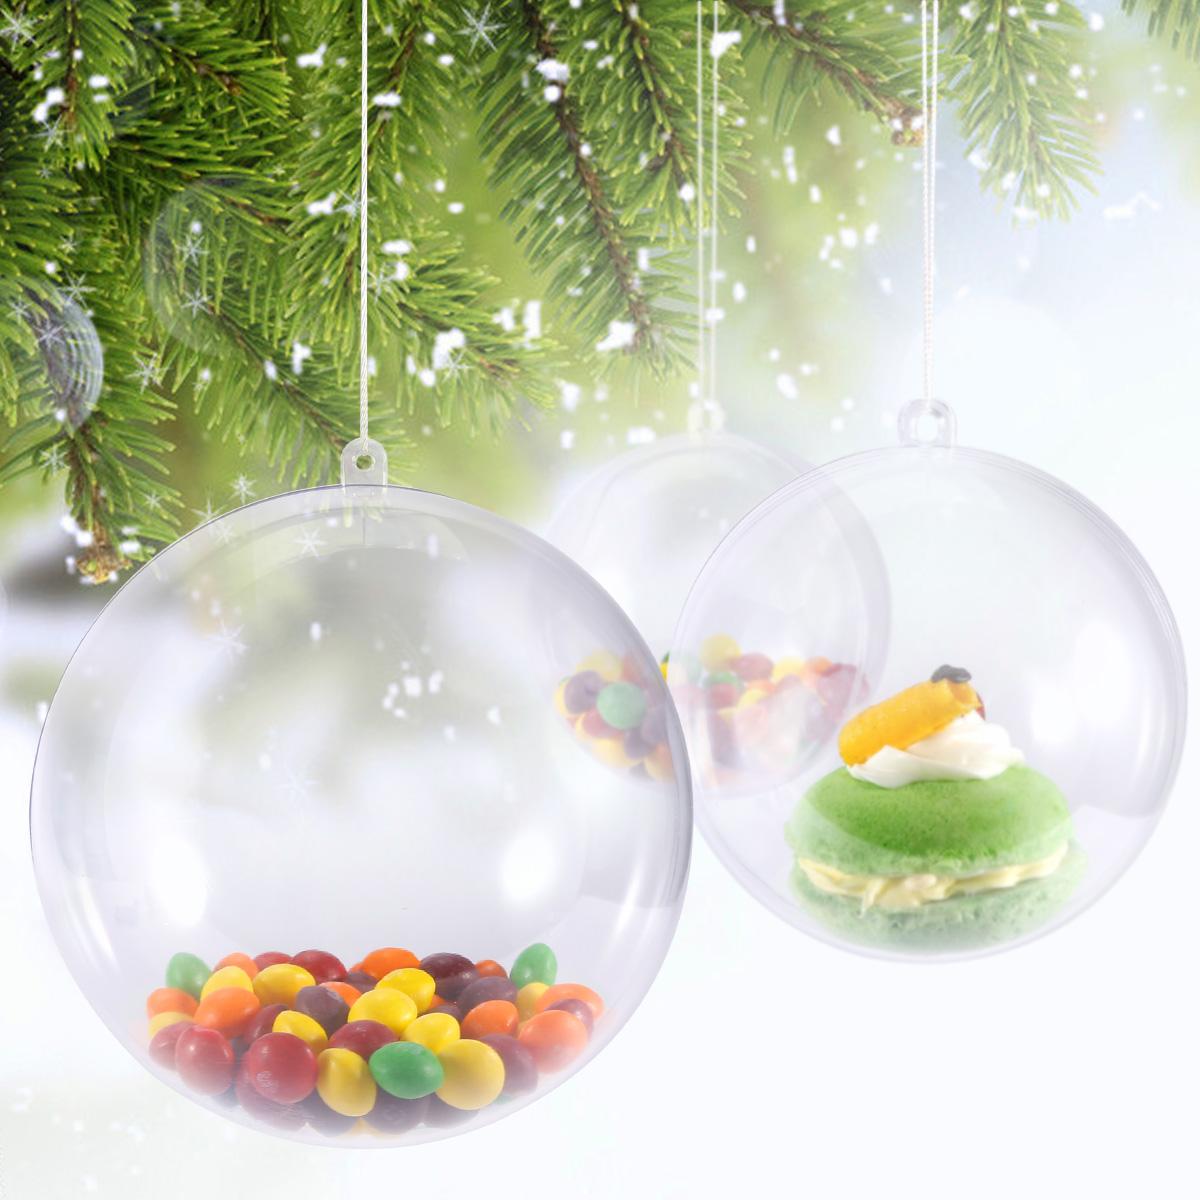 Bola De Navidad Transparente Para Rellenar 1012cm Bola De Plastico - Bolas-de-navidad-transparentes